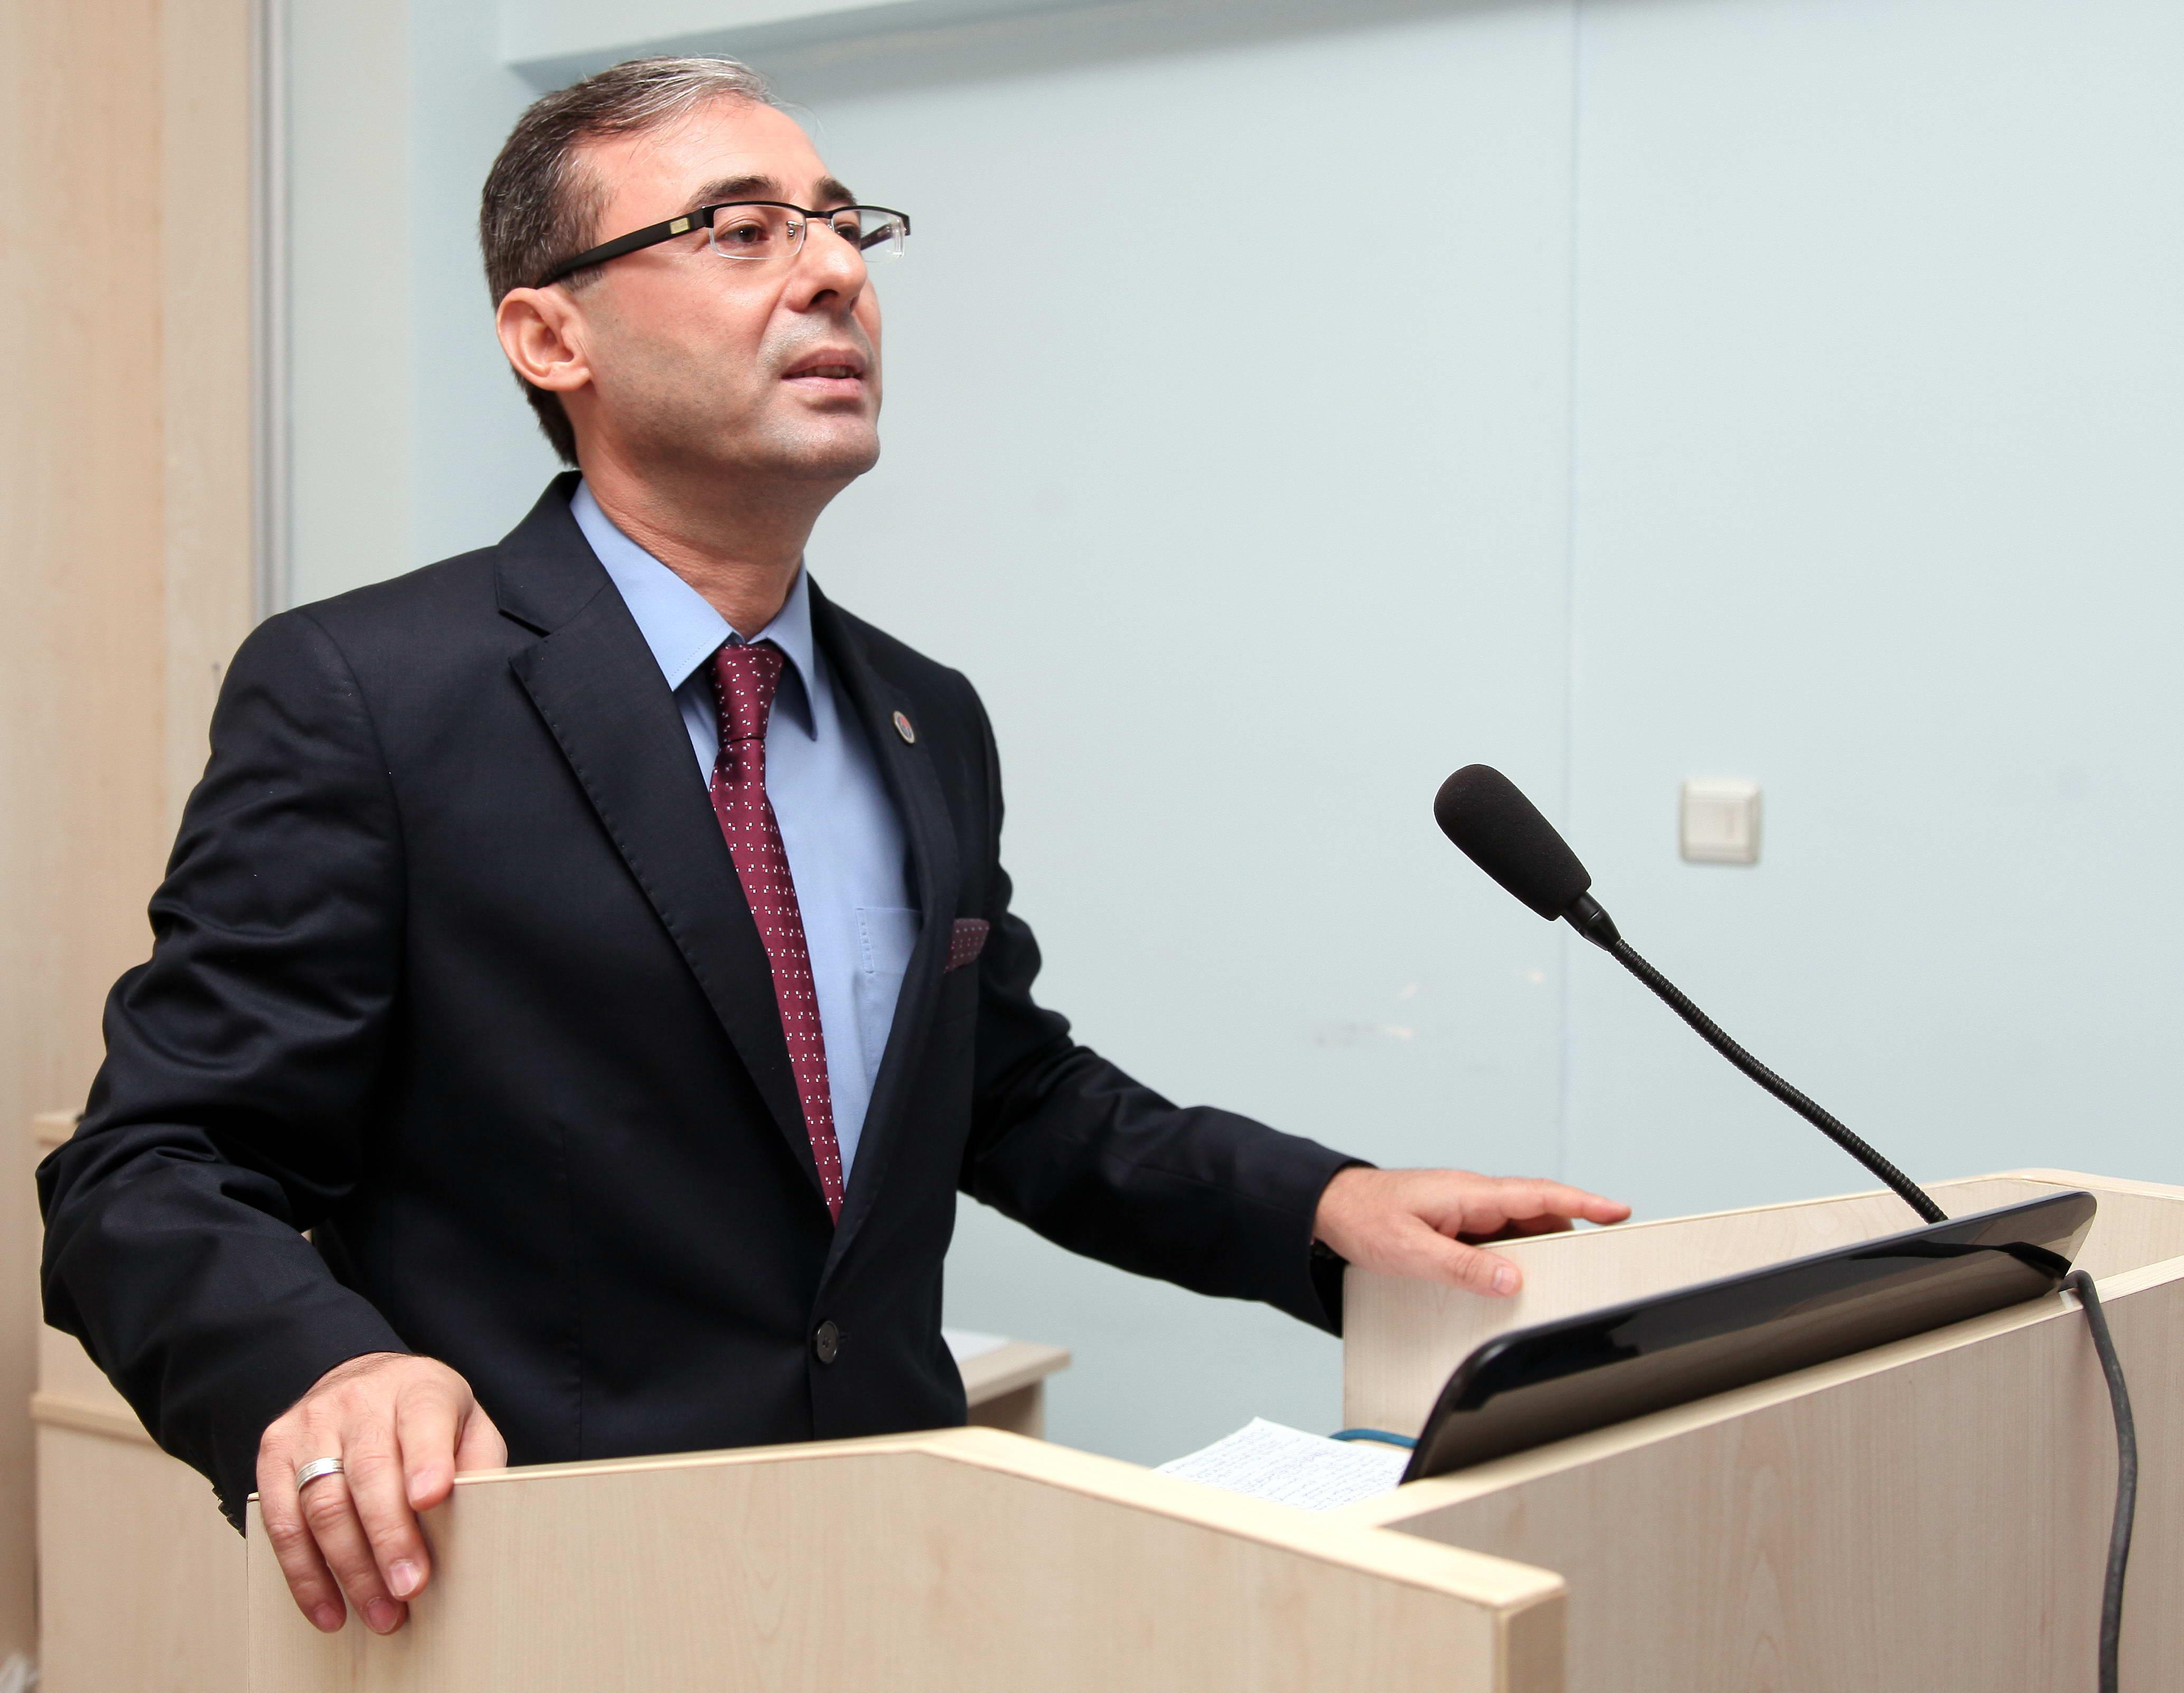 Dünya ve Türkiye Ekonomisinde Gelişmeler  (2)